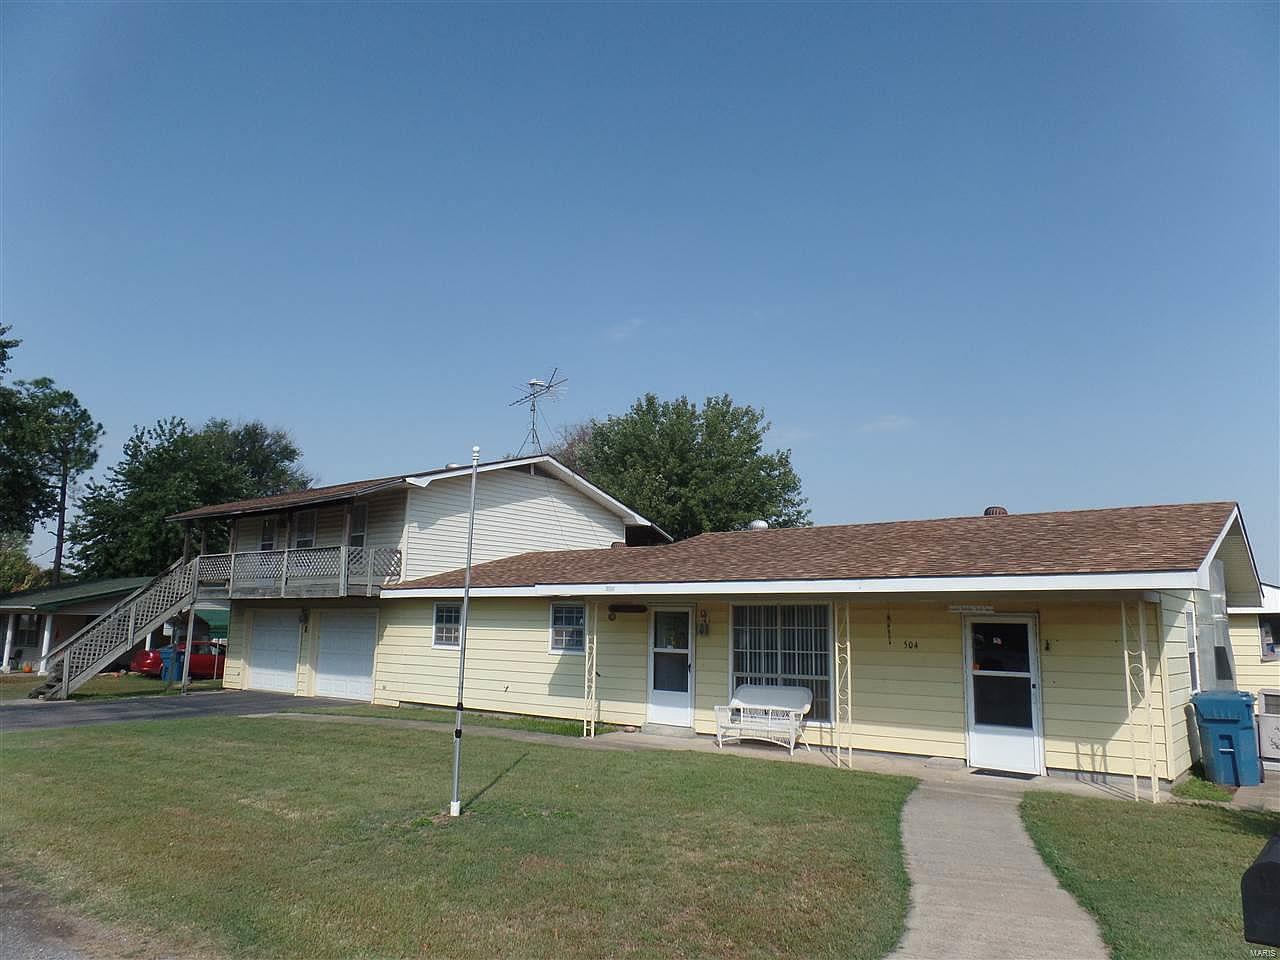 504 E Highway 162 Clarkton Mo 63837 Zillow